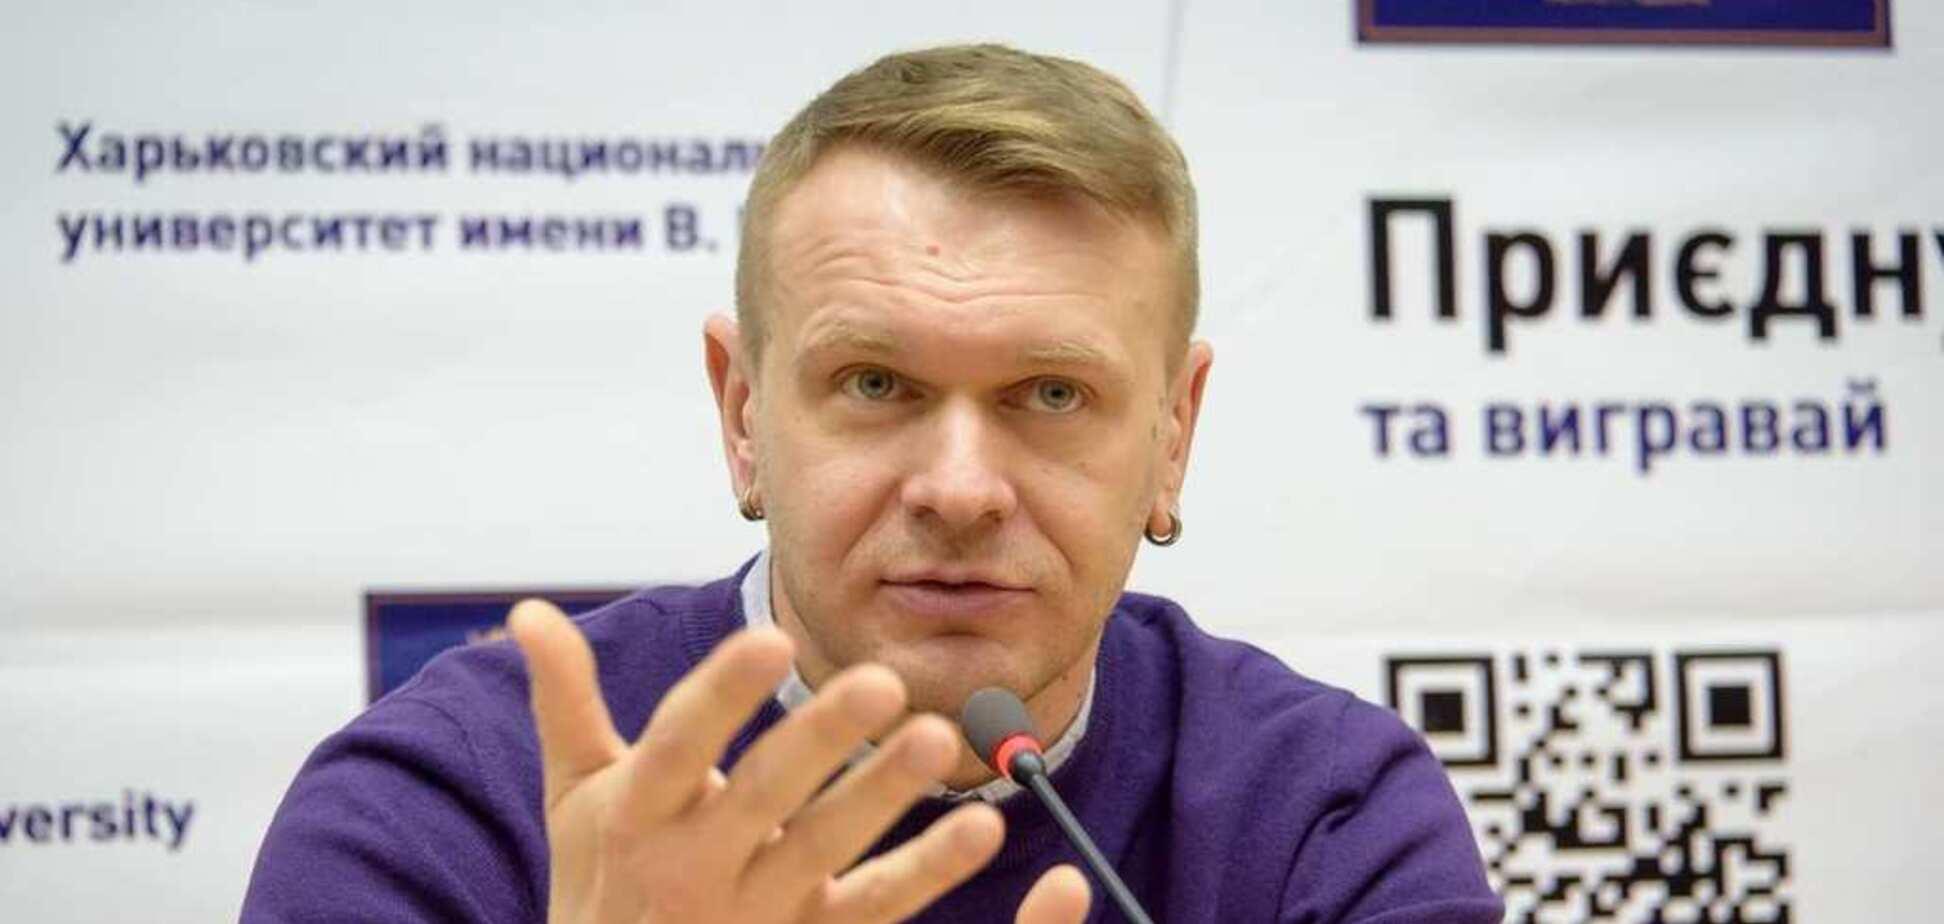 Відомий співак пояснив, чому проголосує за Гриценка